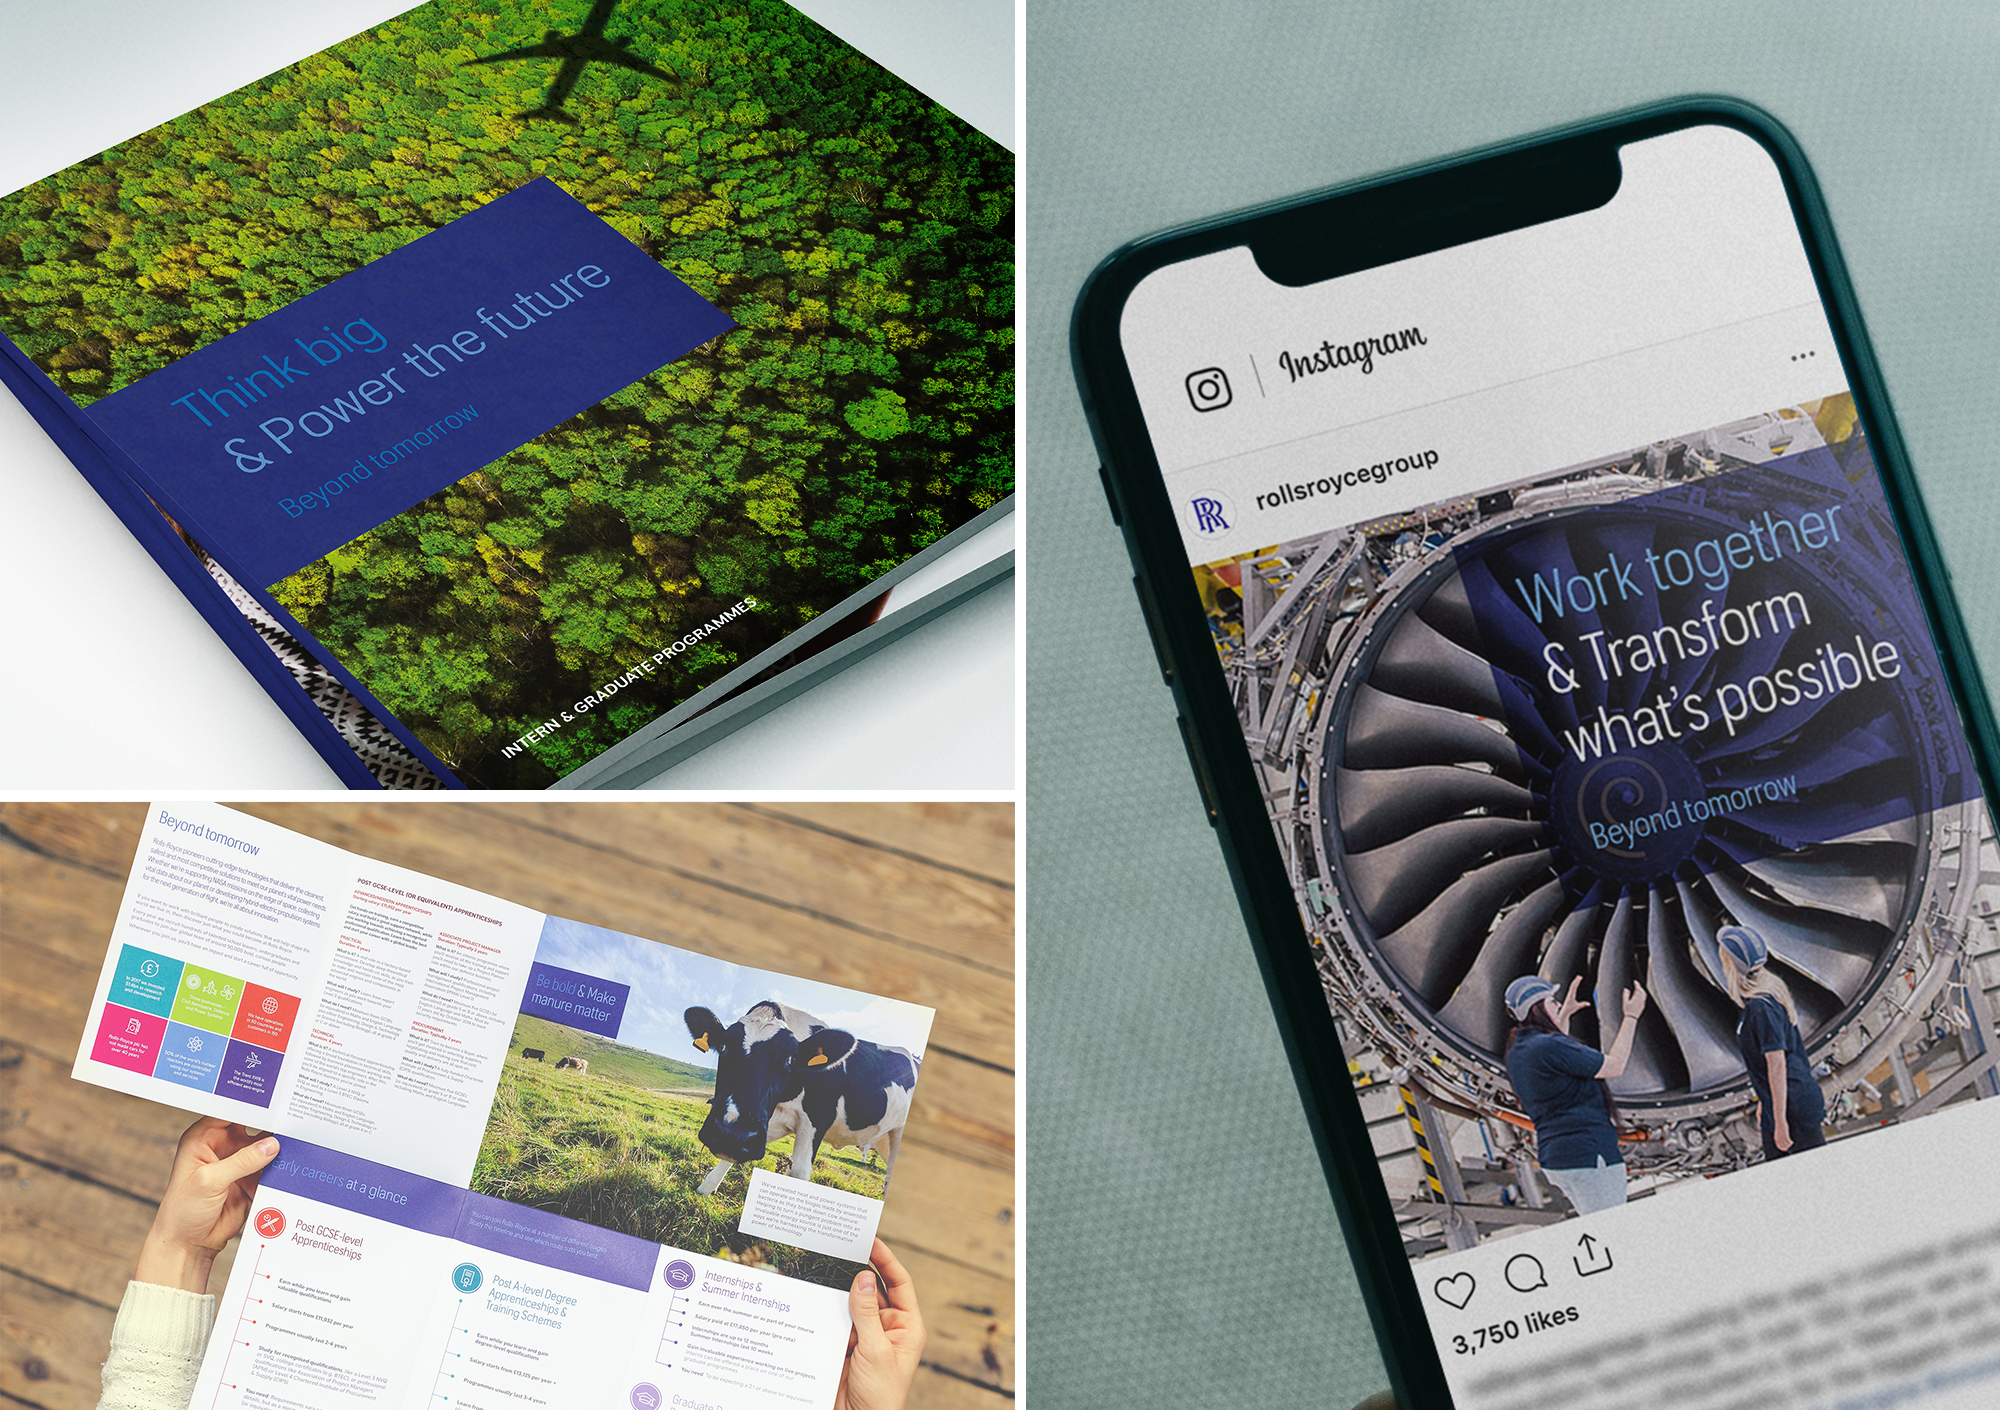 Przykłady realizacji wykonanych w ramach kampanii Blackbridge Communications dla Rolls-Roycea. (fot. blackbridge.co.uk)